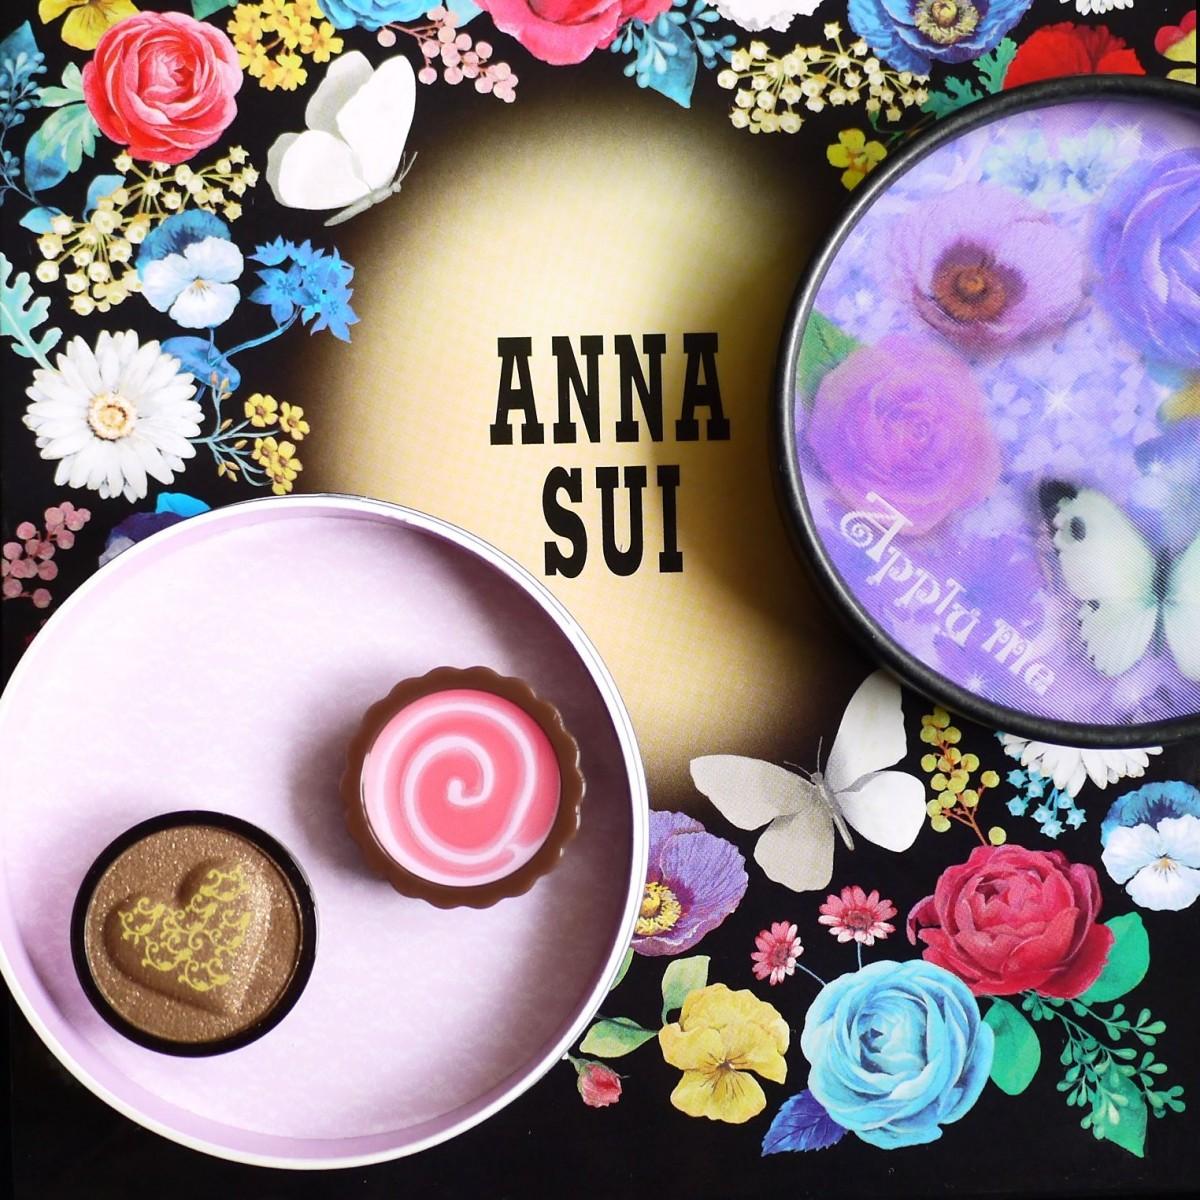 【限定】ギフトにもオススメ♡アナスイ カラーコレクションが使える上に可愛すぎ!